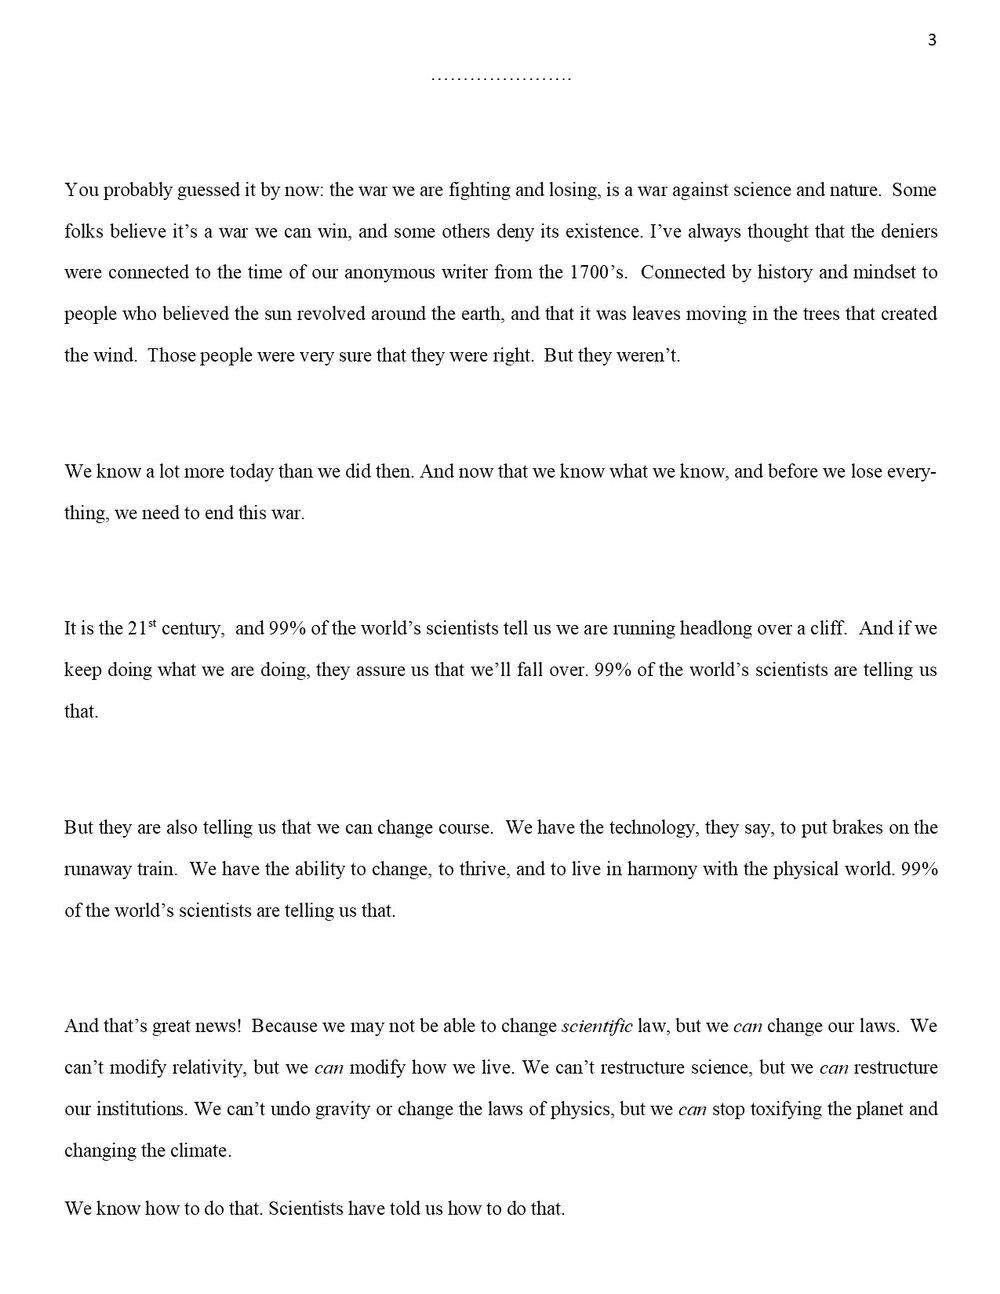 Story of a Hillside - Sabina Virgo (Prose, Essay)-3.jpg